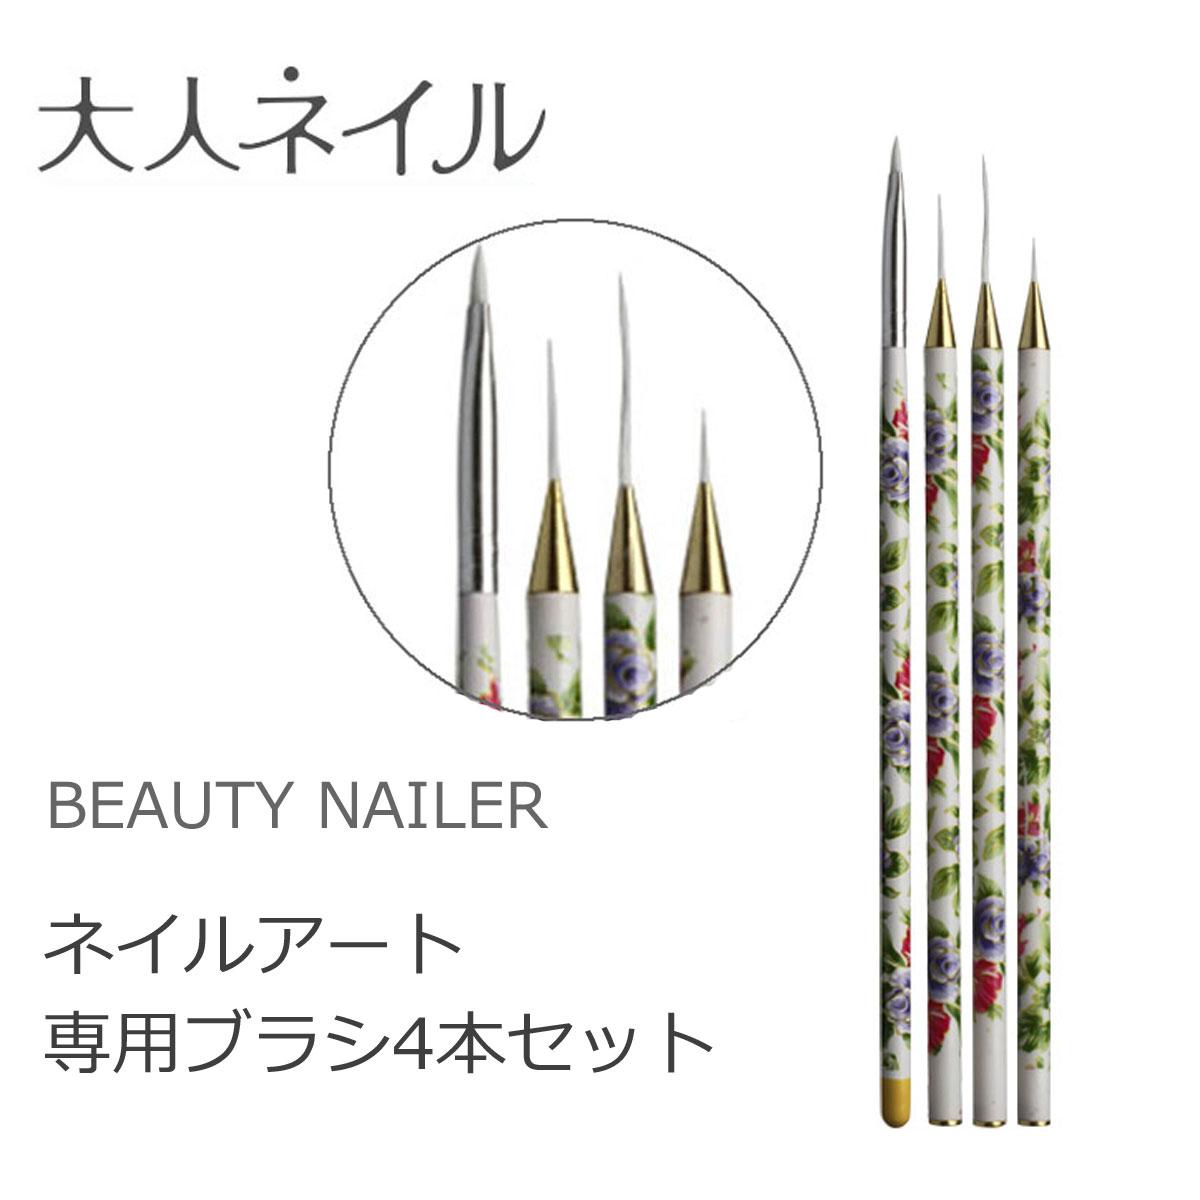 BEAUTY NAILER ネイルアートブラシセット 4本セット ネイルアート ブラシ フデ マニキュア セルフネイル ネイルデザイン